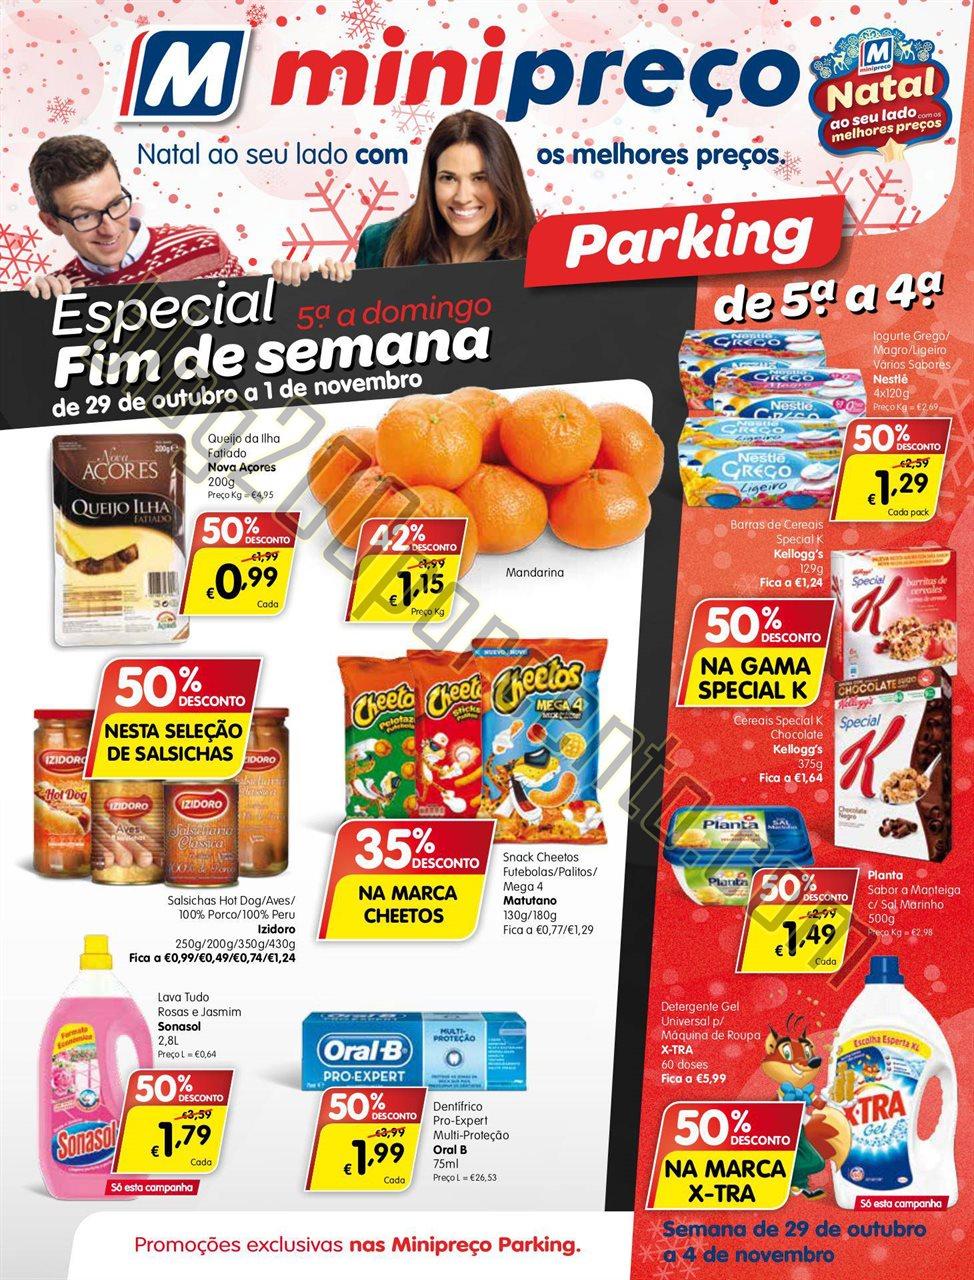 Antevisão Folheto MINIPREÇO Parking de 29 outubr